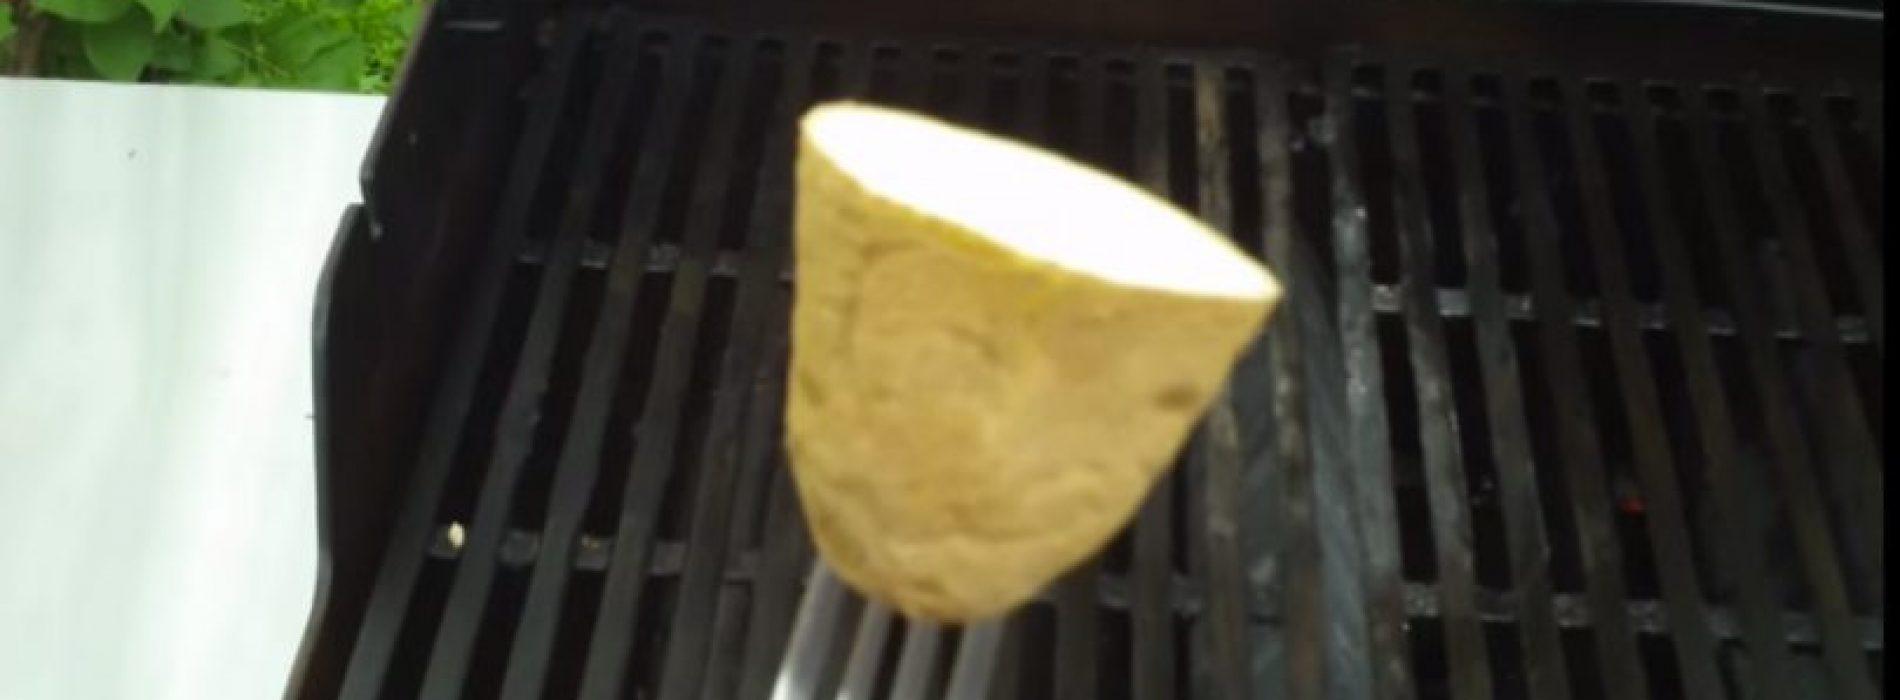 Hij wrijft een rauwe aardappel op de grill, slimme truc die iedere barbecue-fan moet kennen